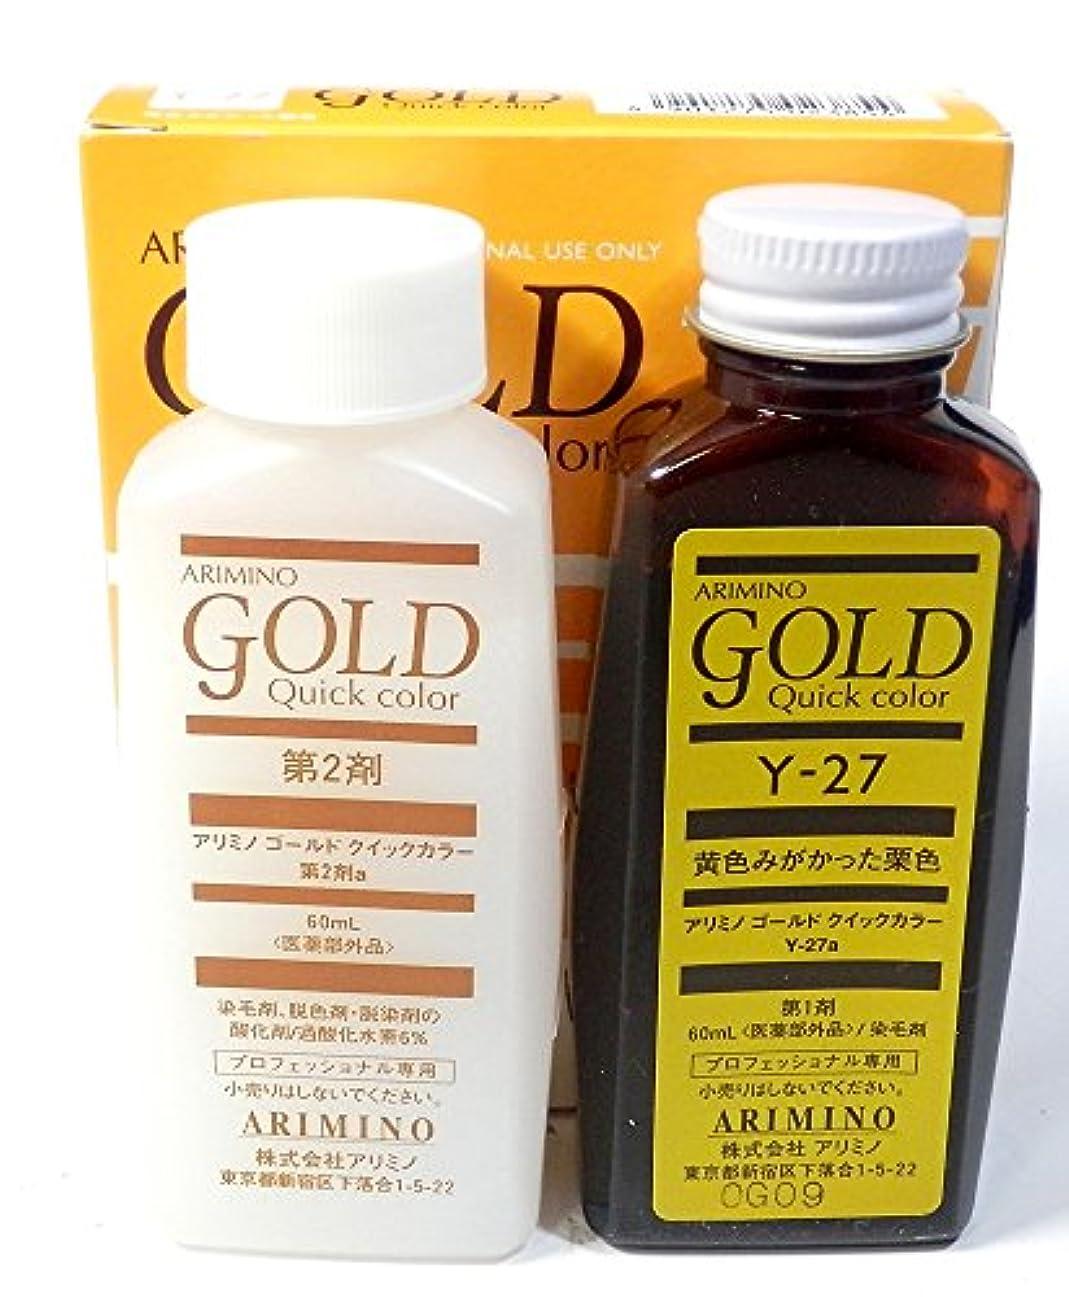 狼確保するシュリンクアリミノ ARIMINO ゴールド クイックカラー Y-27 白髪染め 新品 黄色みがかった栗色